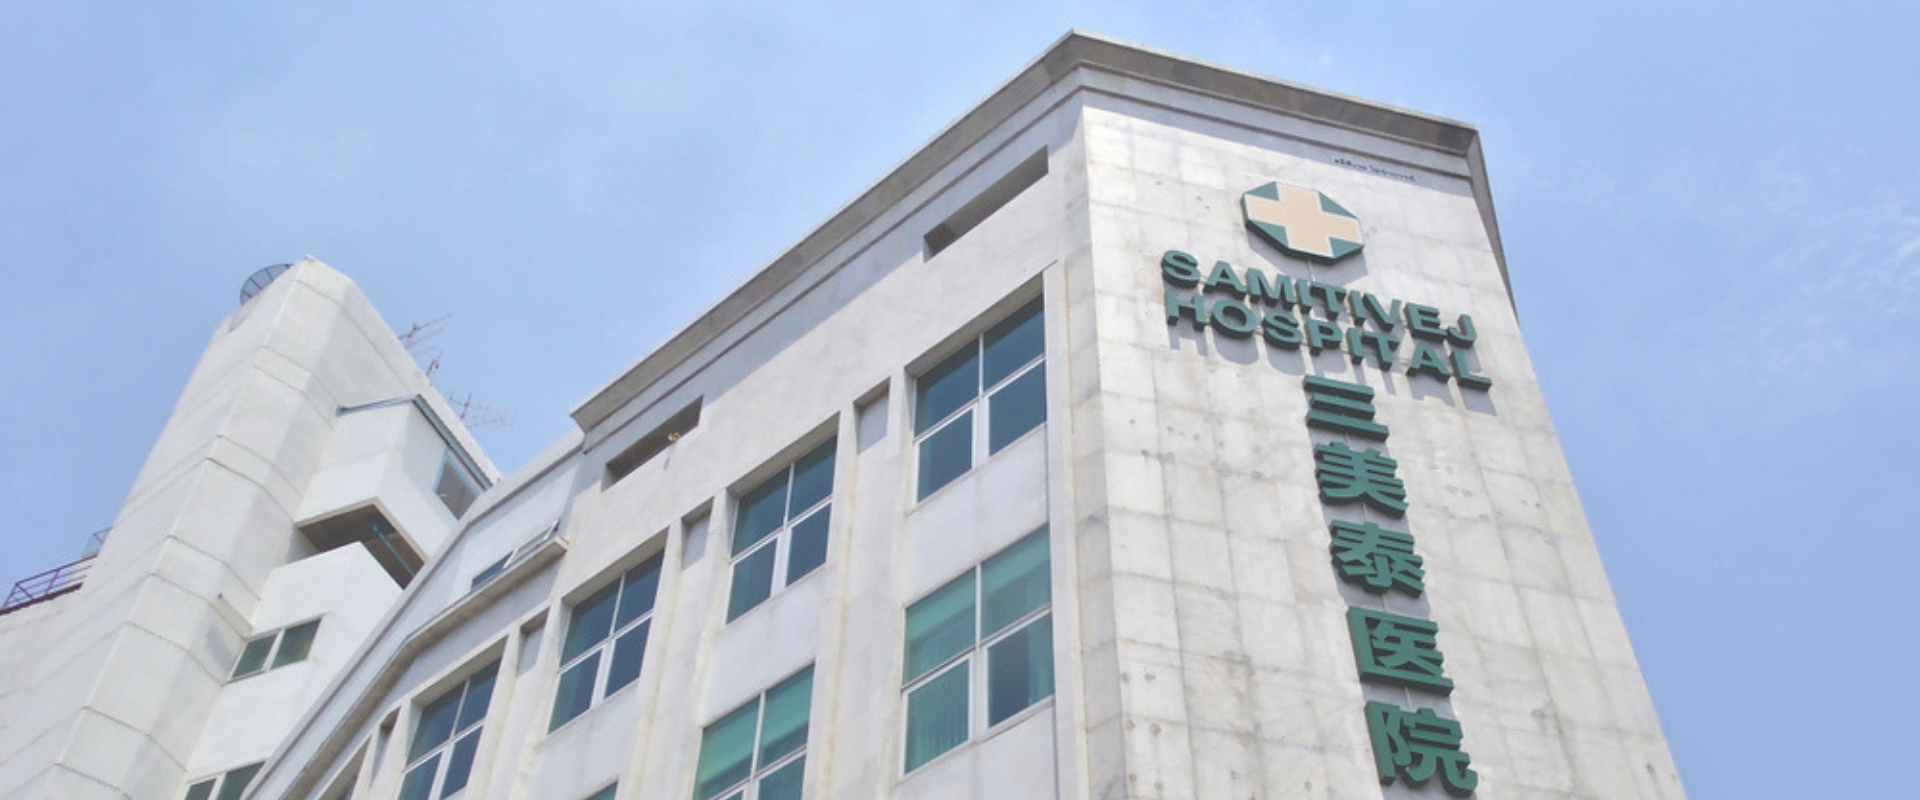 Samitivej Hospital -Bangkok's Leading Hospitals